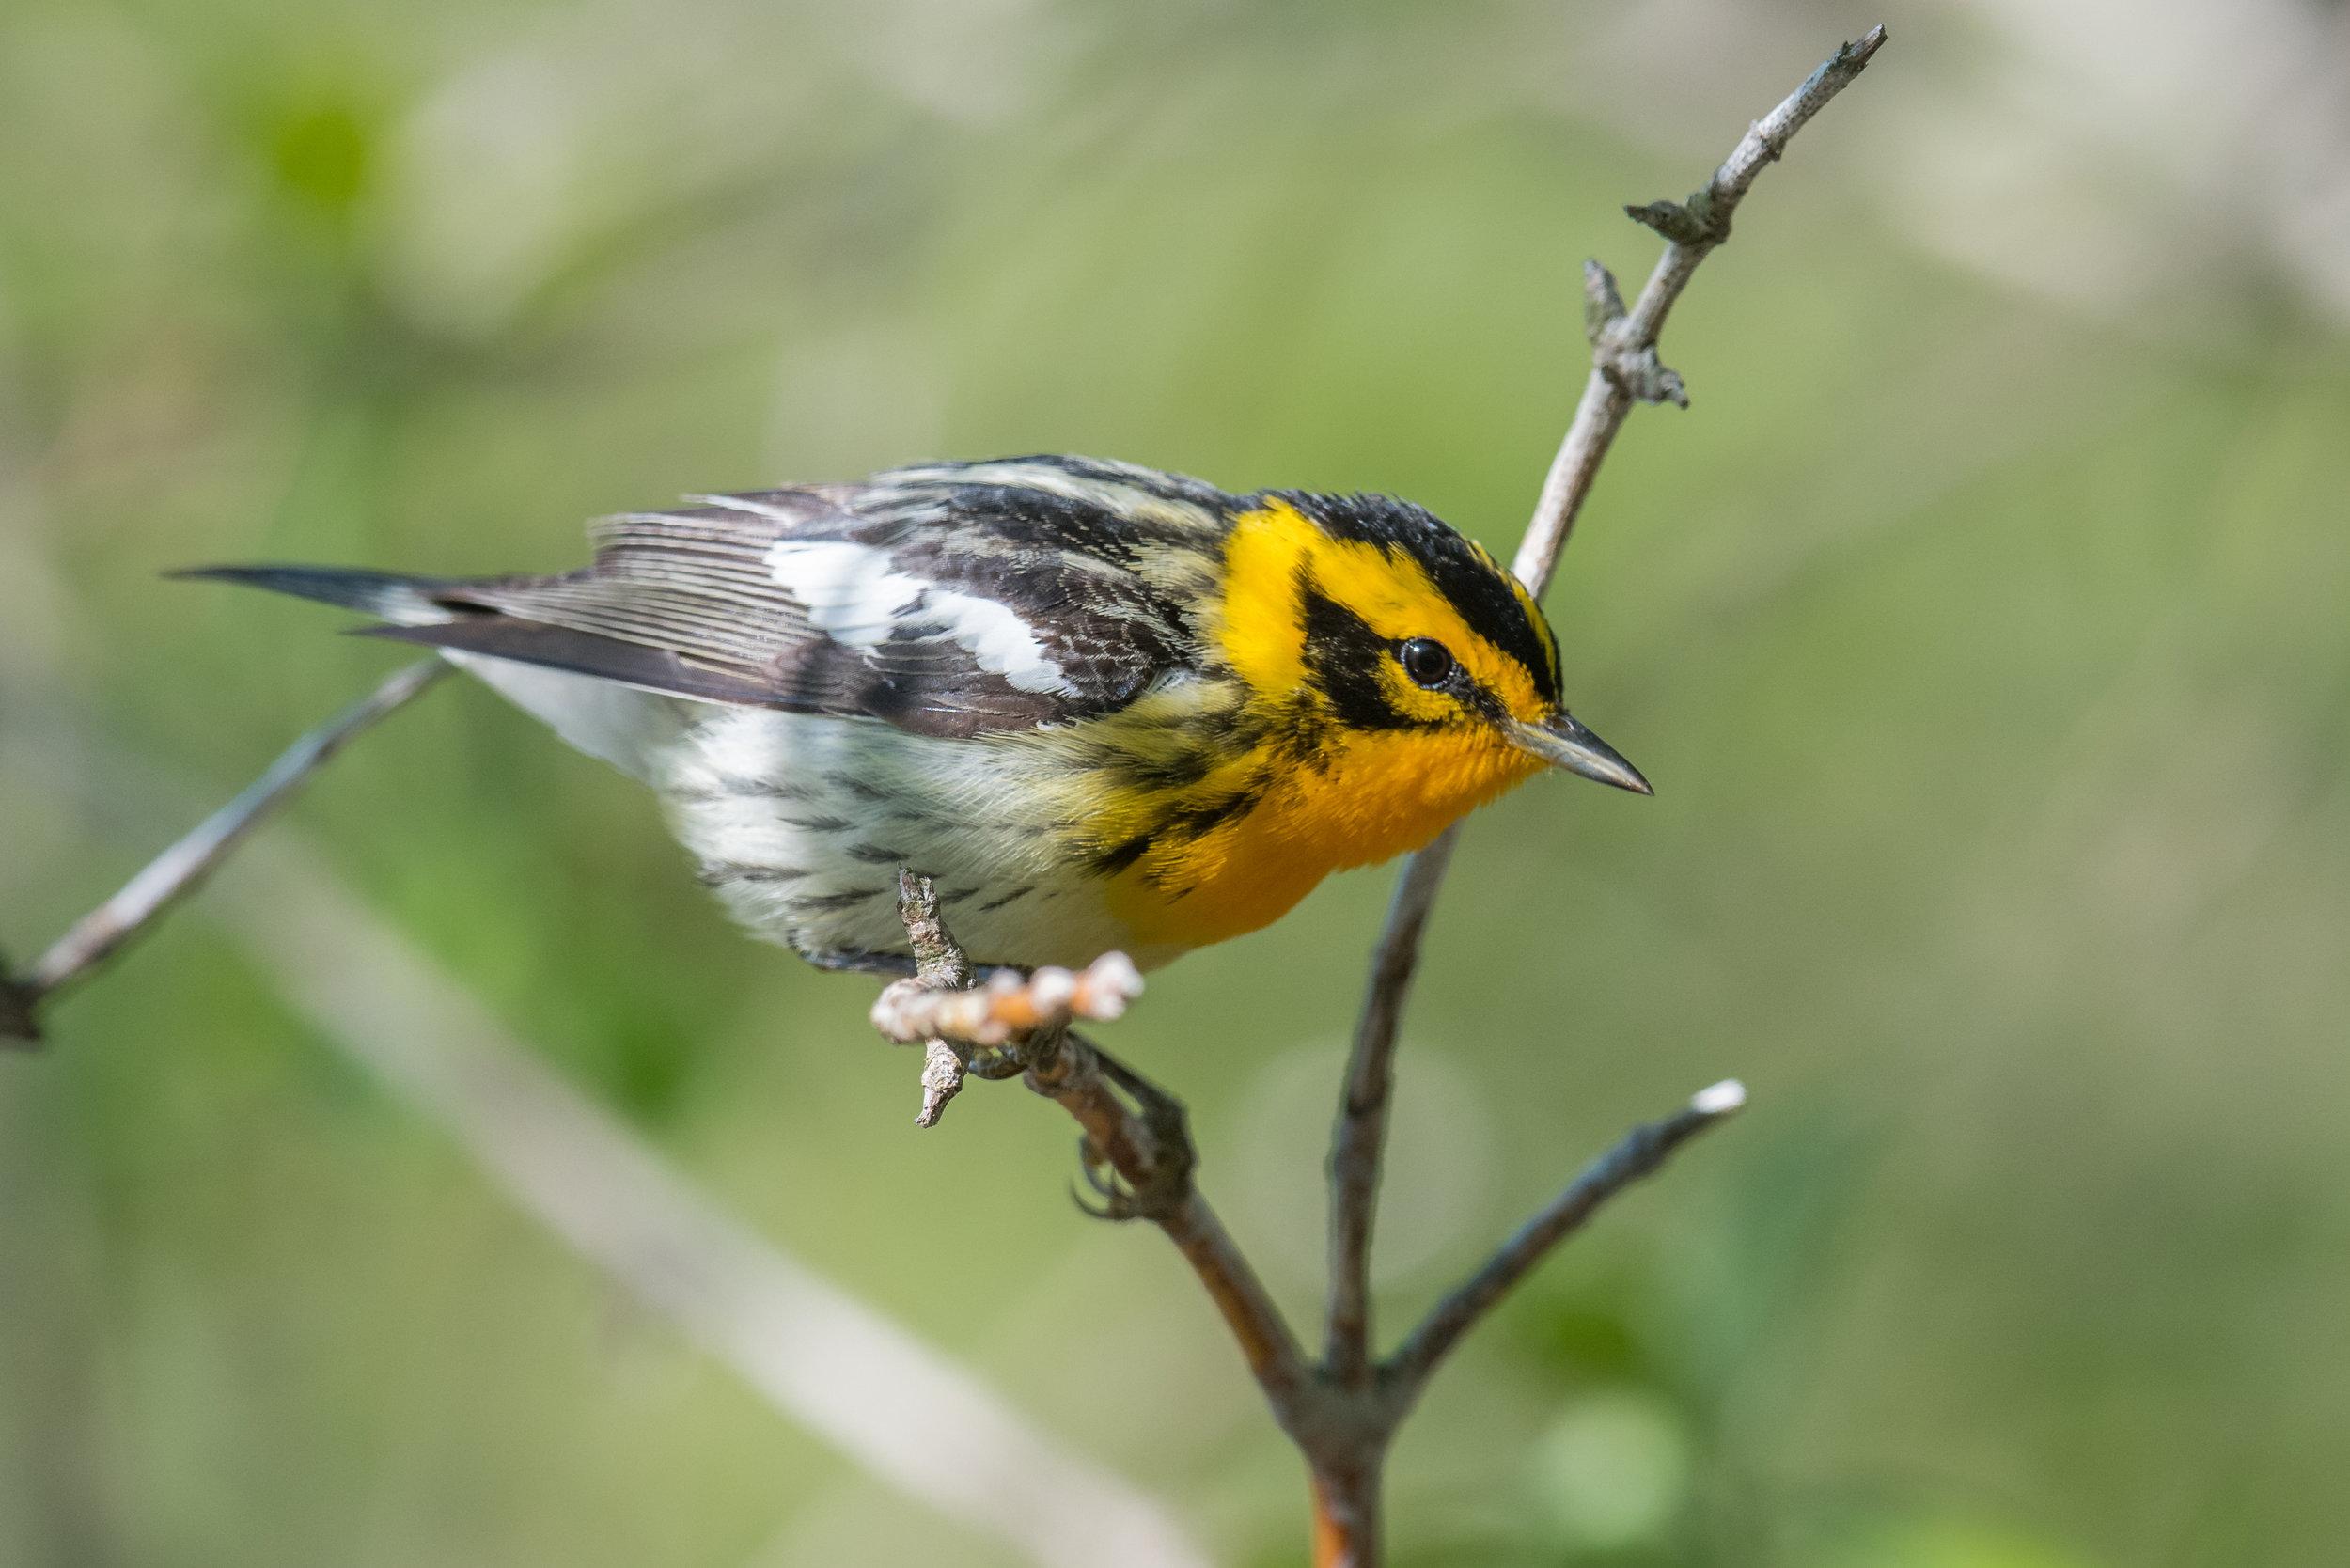 Blackburnian Warbler (Setophaga fusca), Magee Marsh - Boardwalk, LUC (OH)